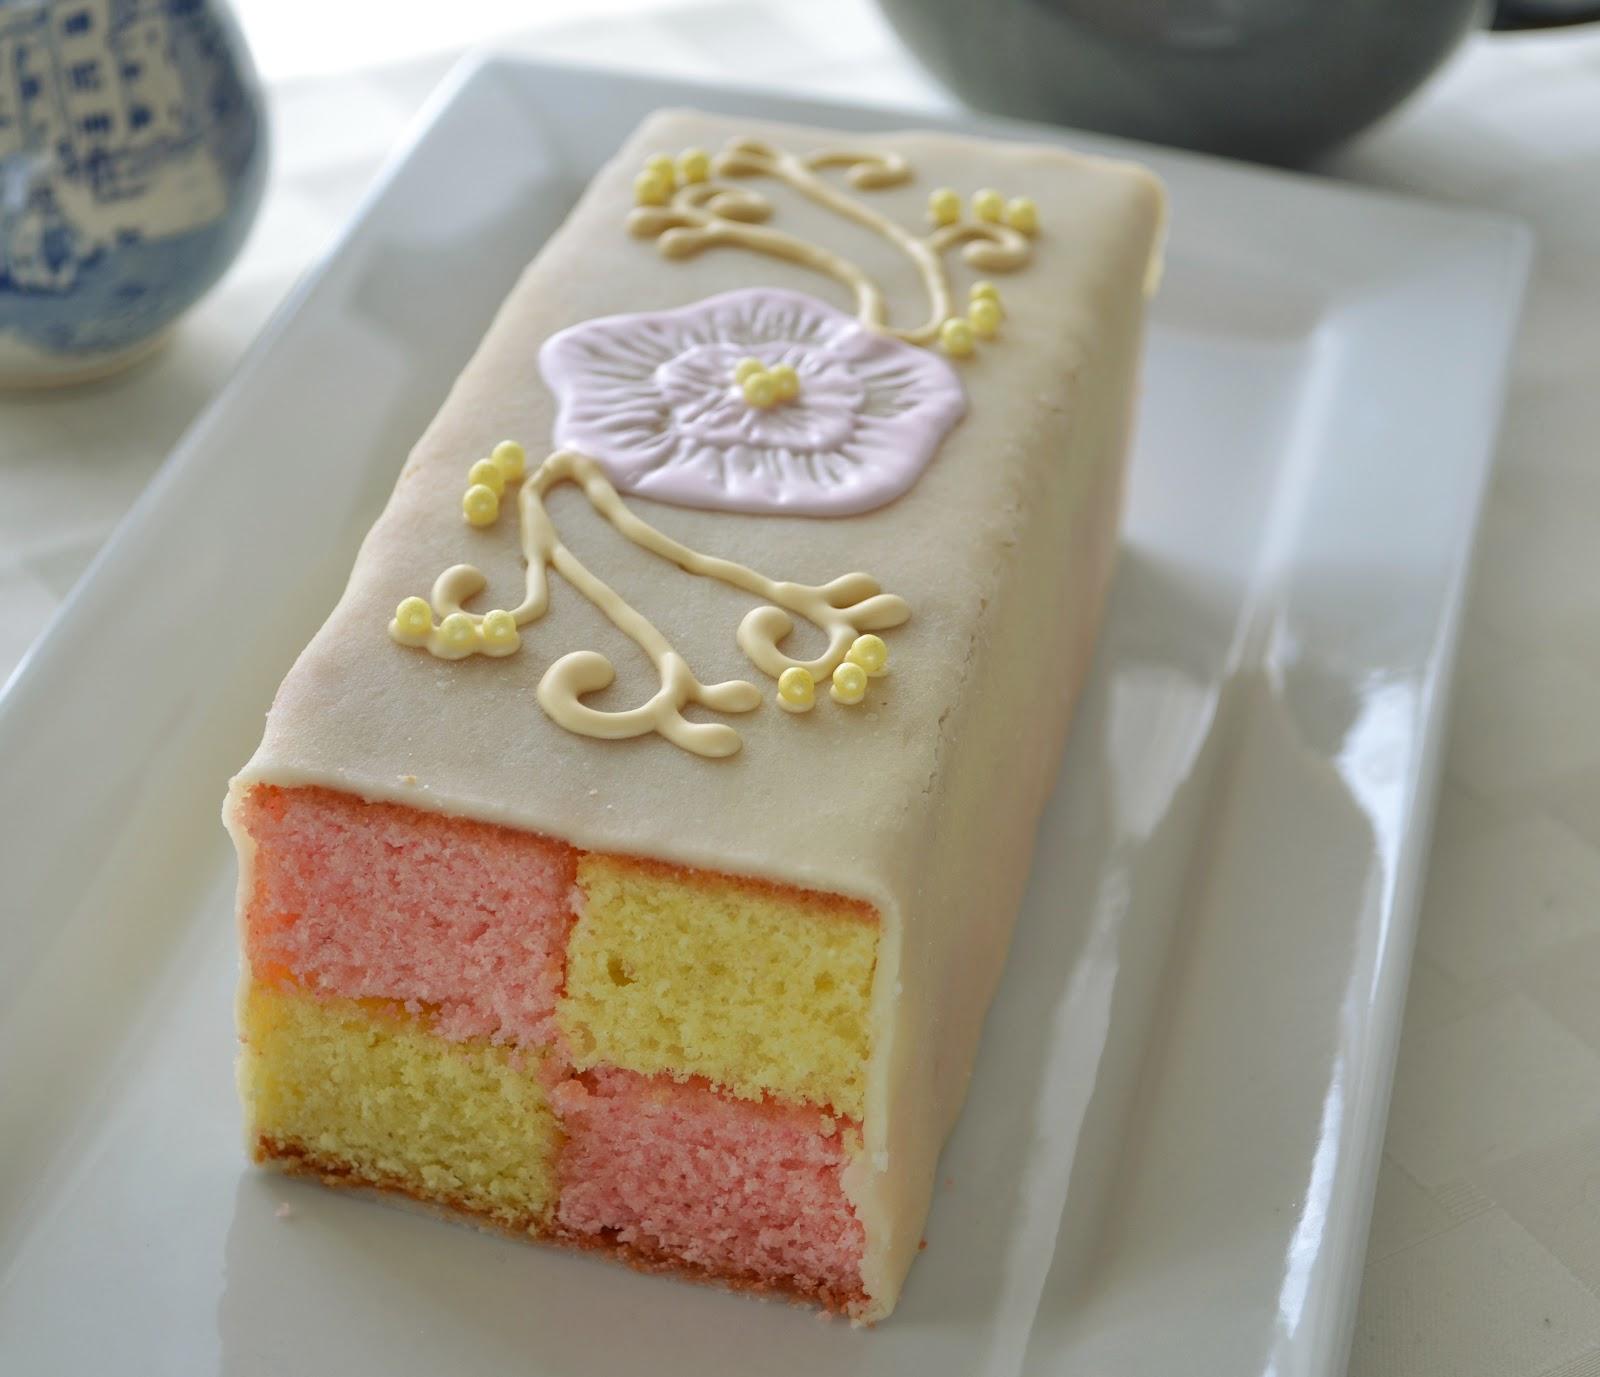 Cake With Marzipan And Lemon